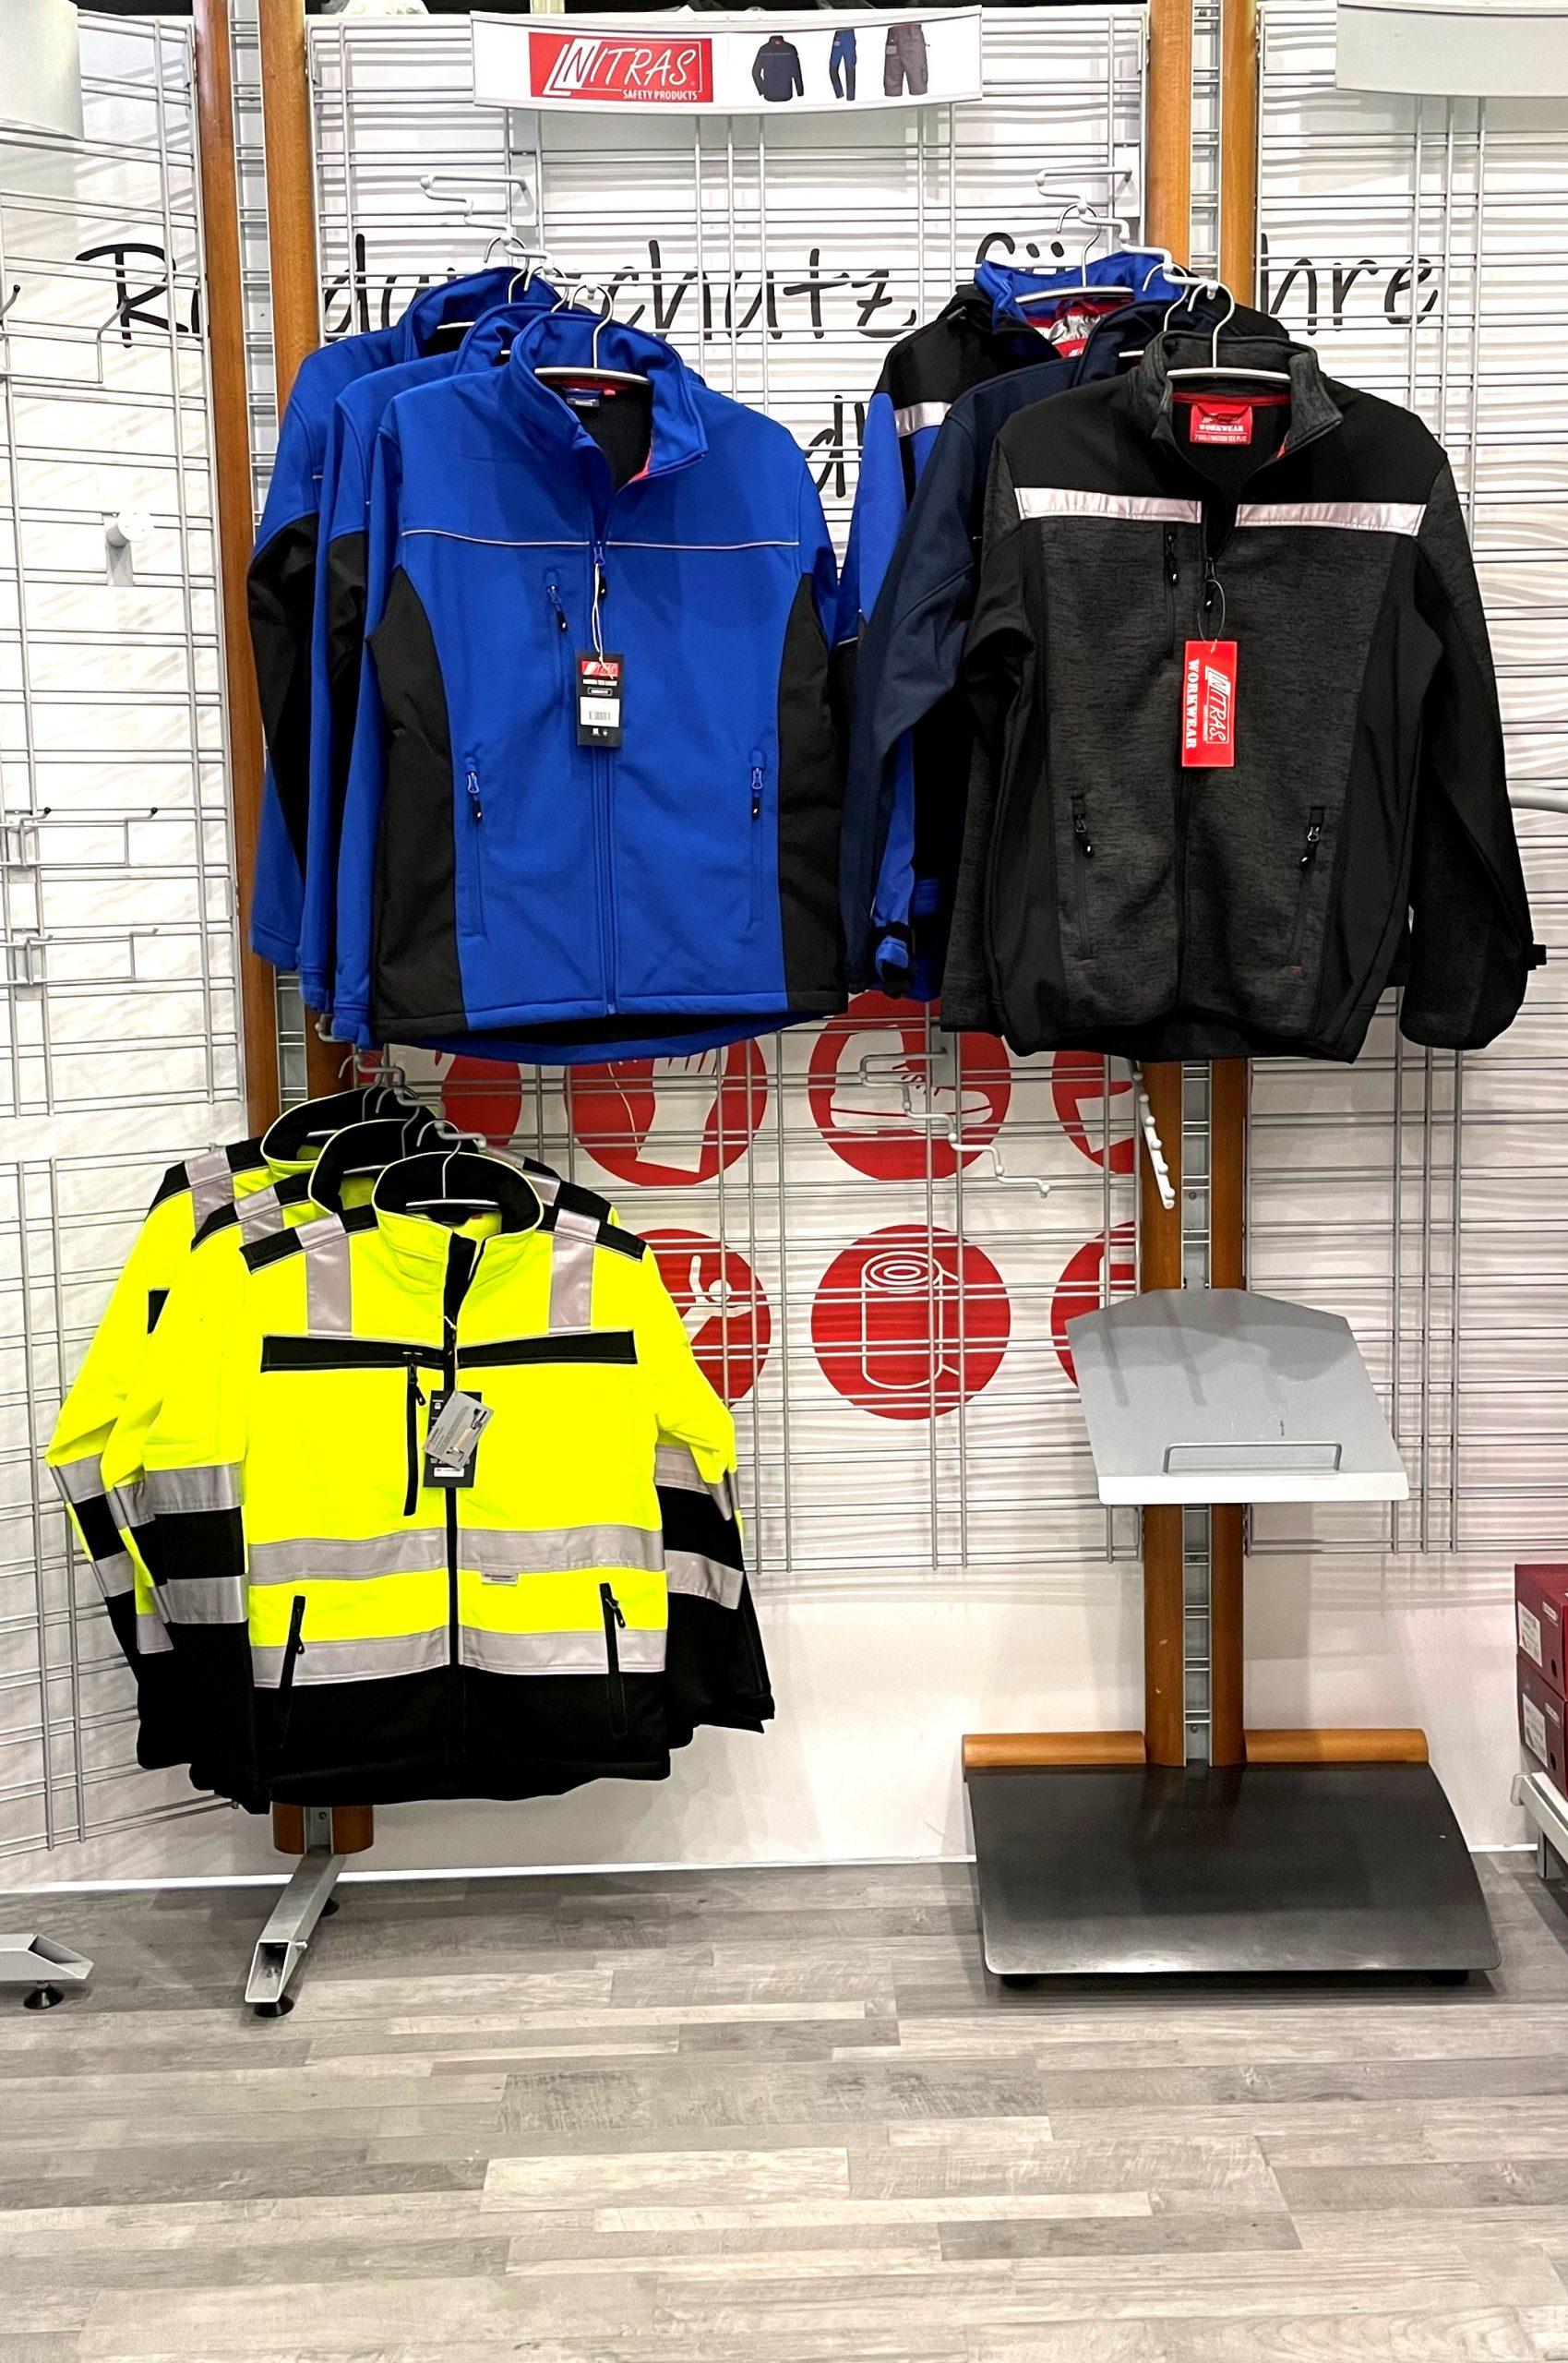 Nitras Arbeitskleidung Verkauf in Rastatt